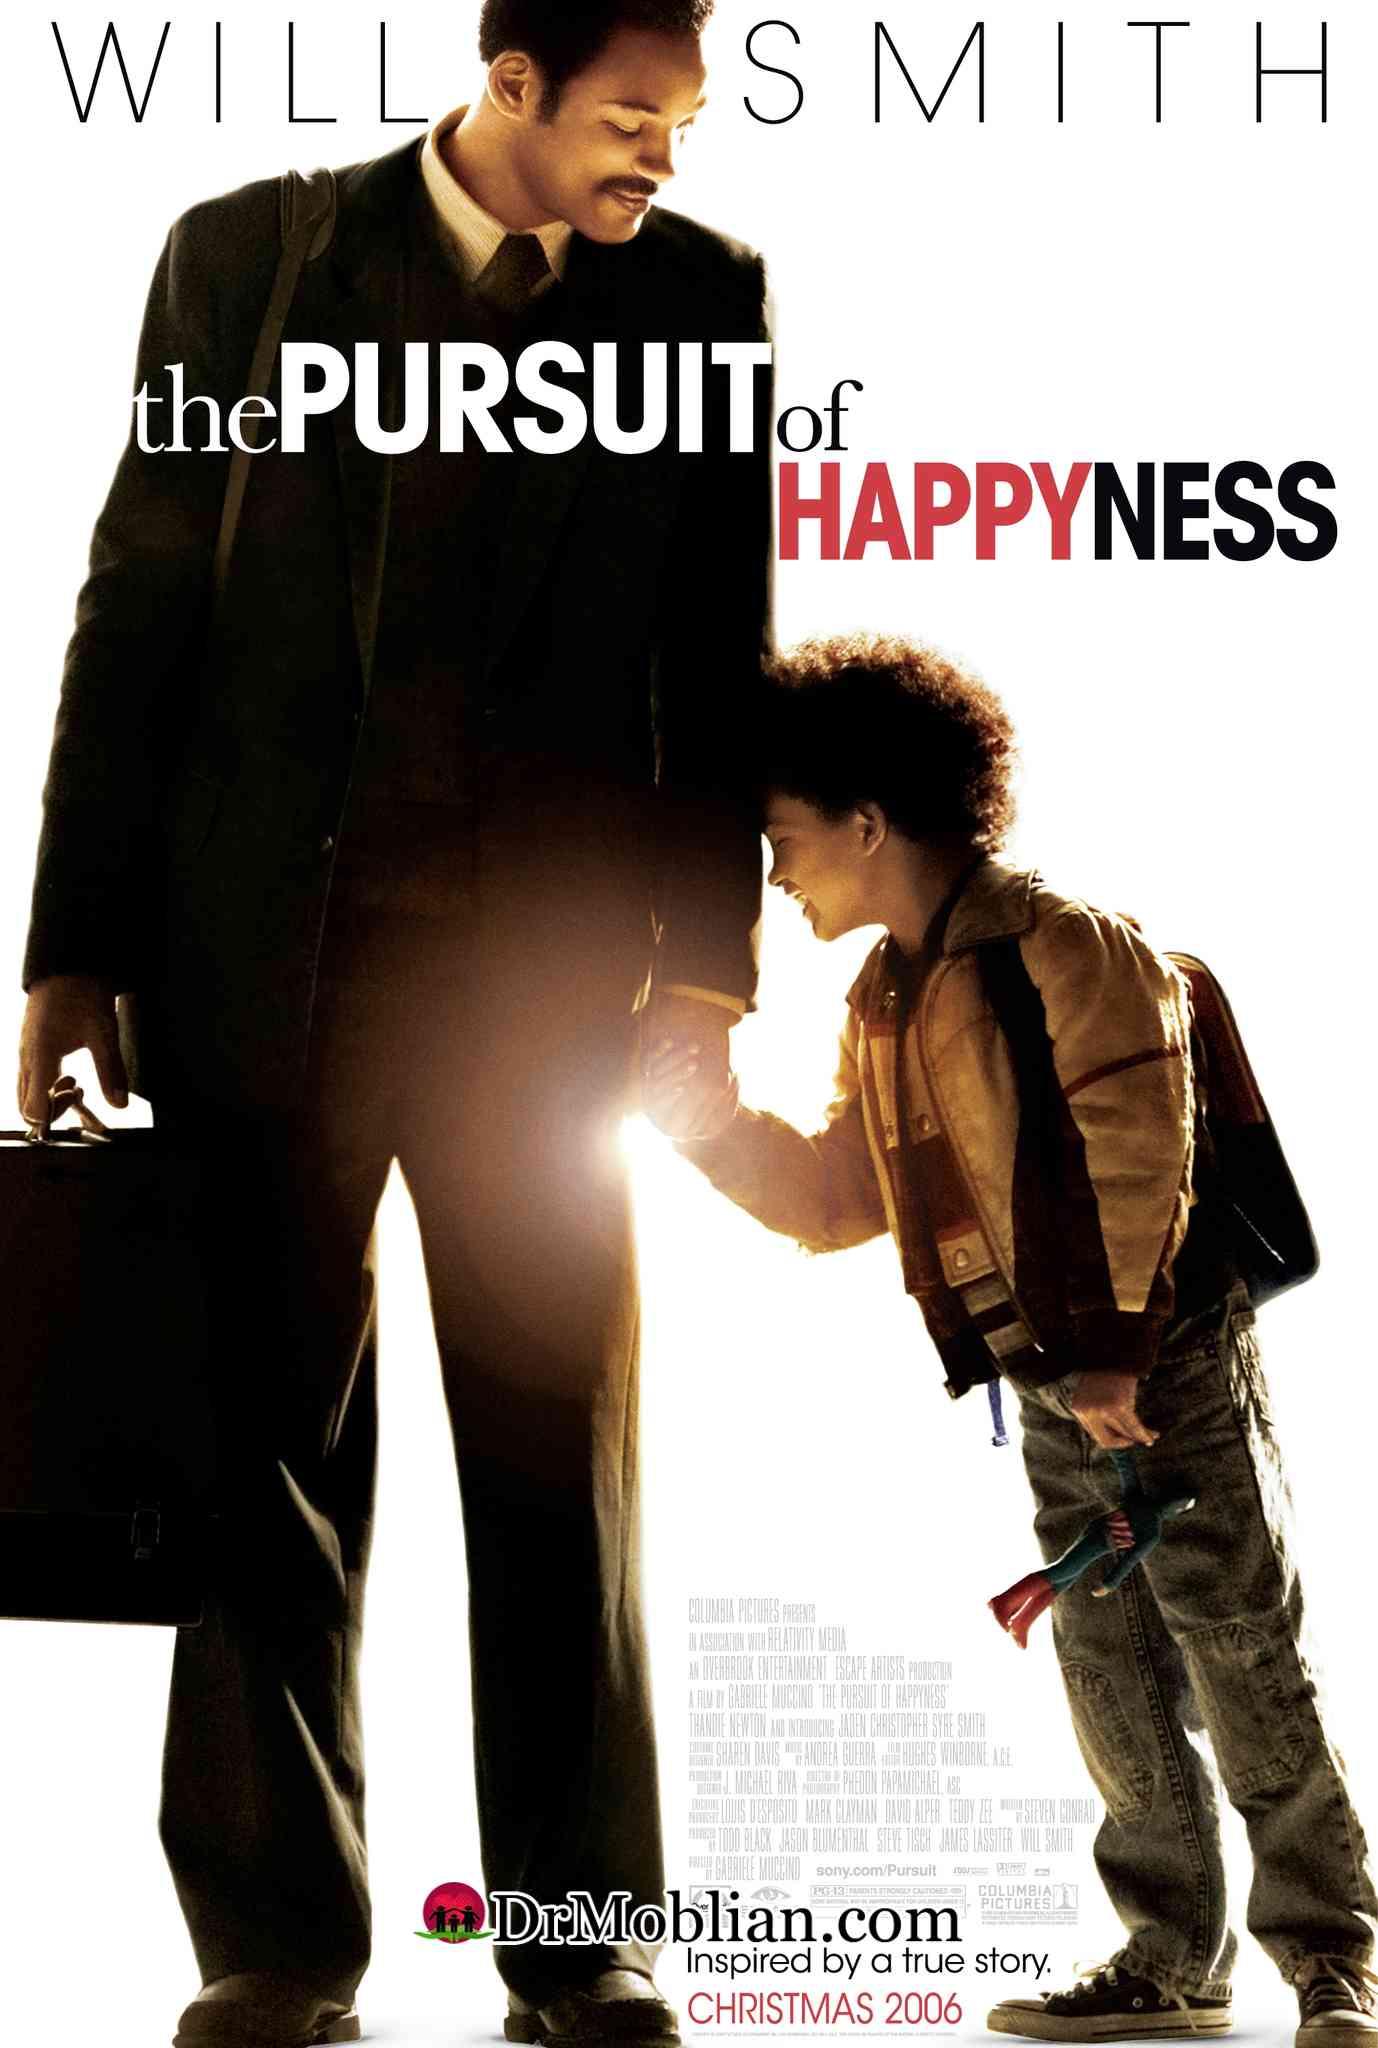 تحلیل روانشناختی فیلم در جست و جوی خوشبختی